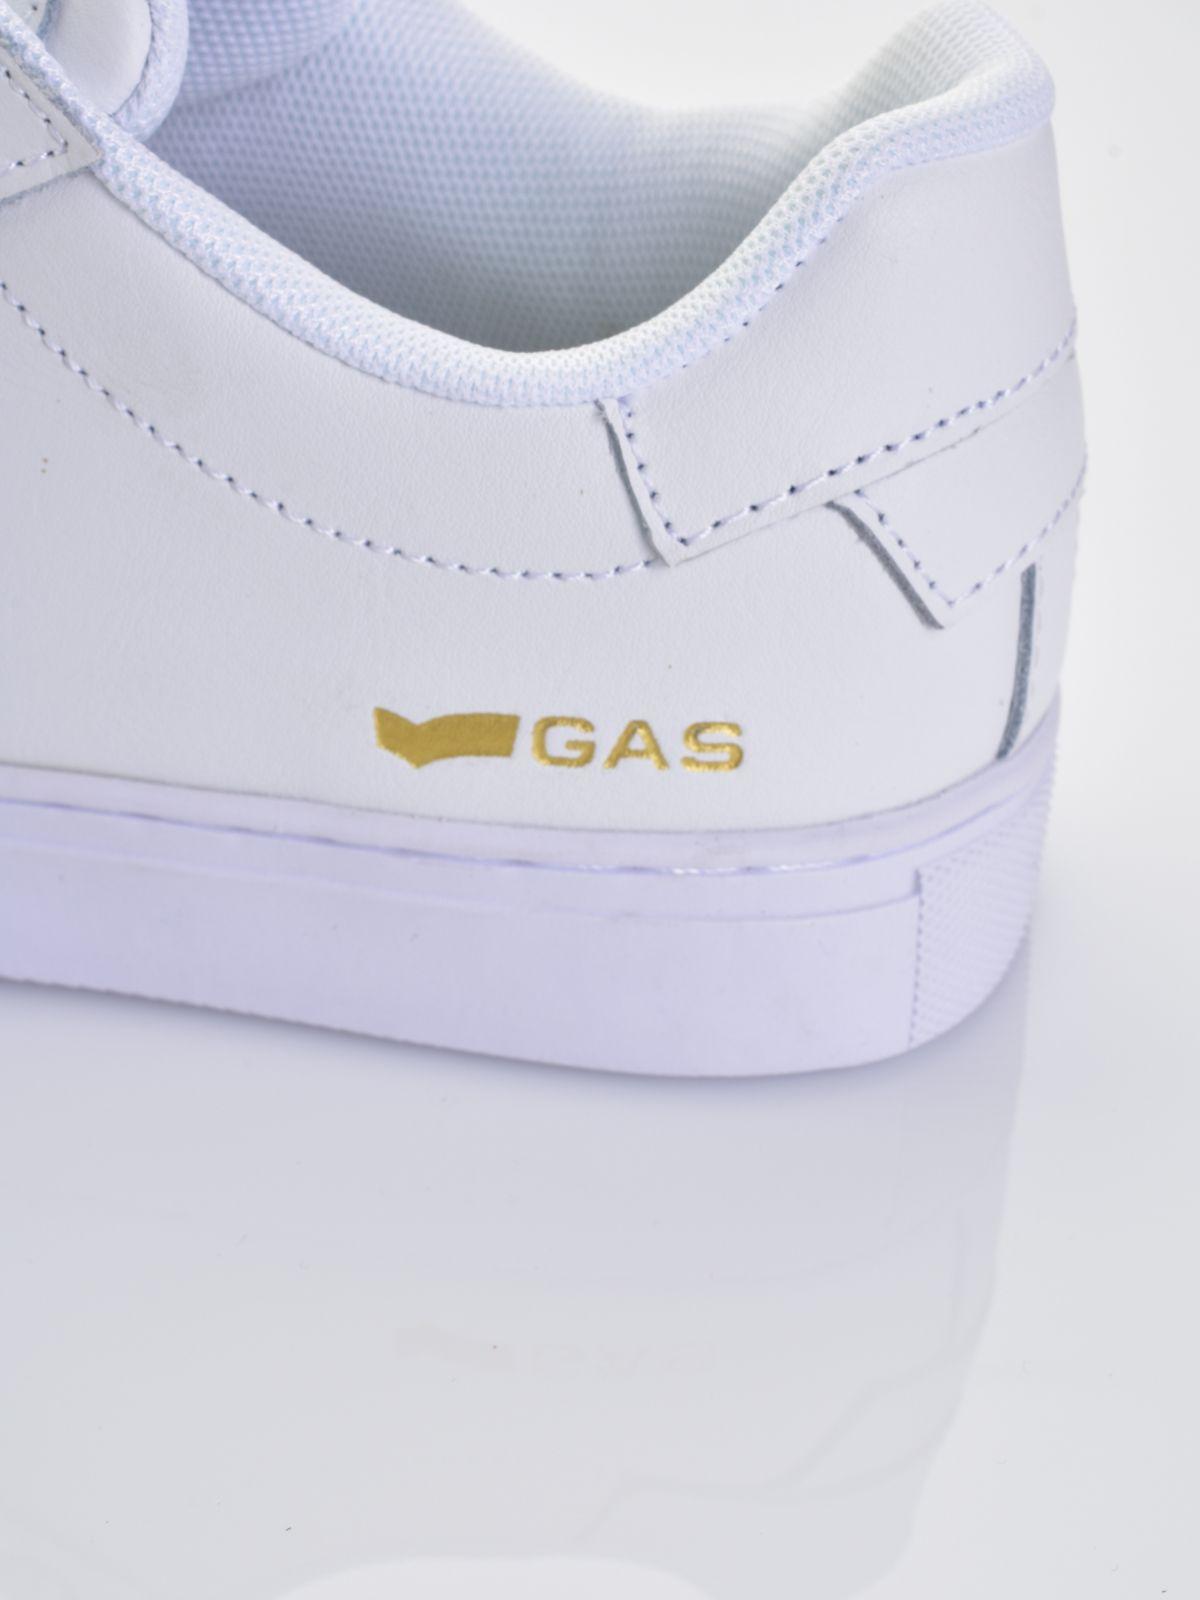 Akciós | Gas női cipő DNA LADY | Markasbolt.hu Hivatalos GAS